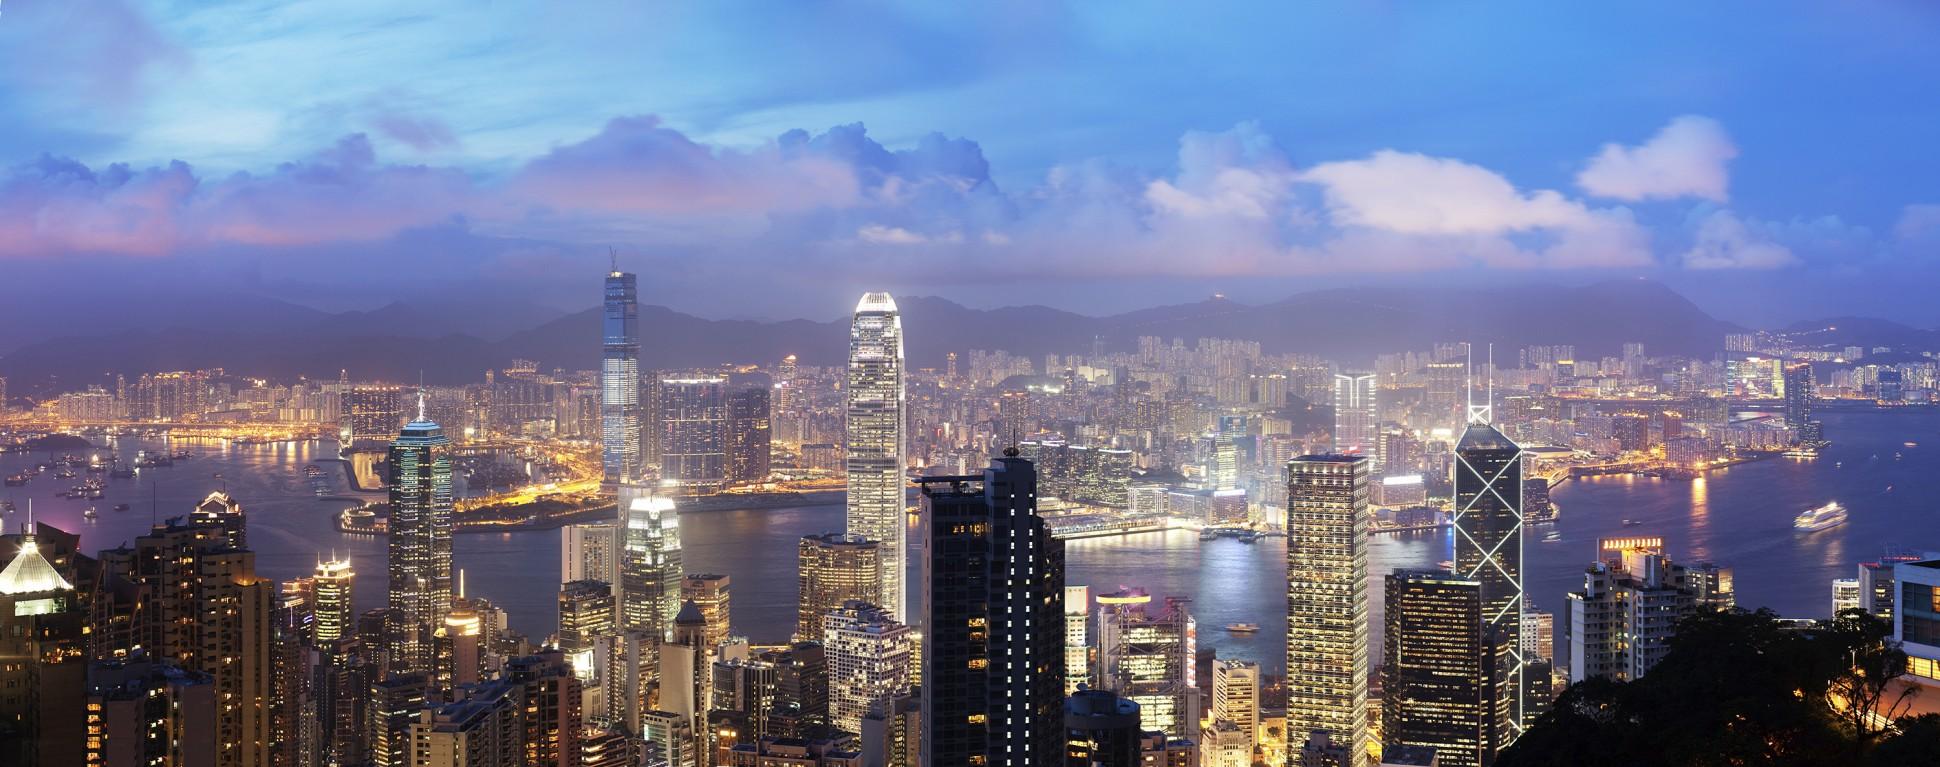 Hong Kong real estate market crashing?